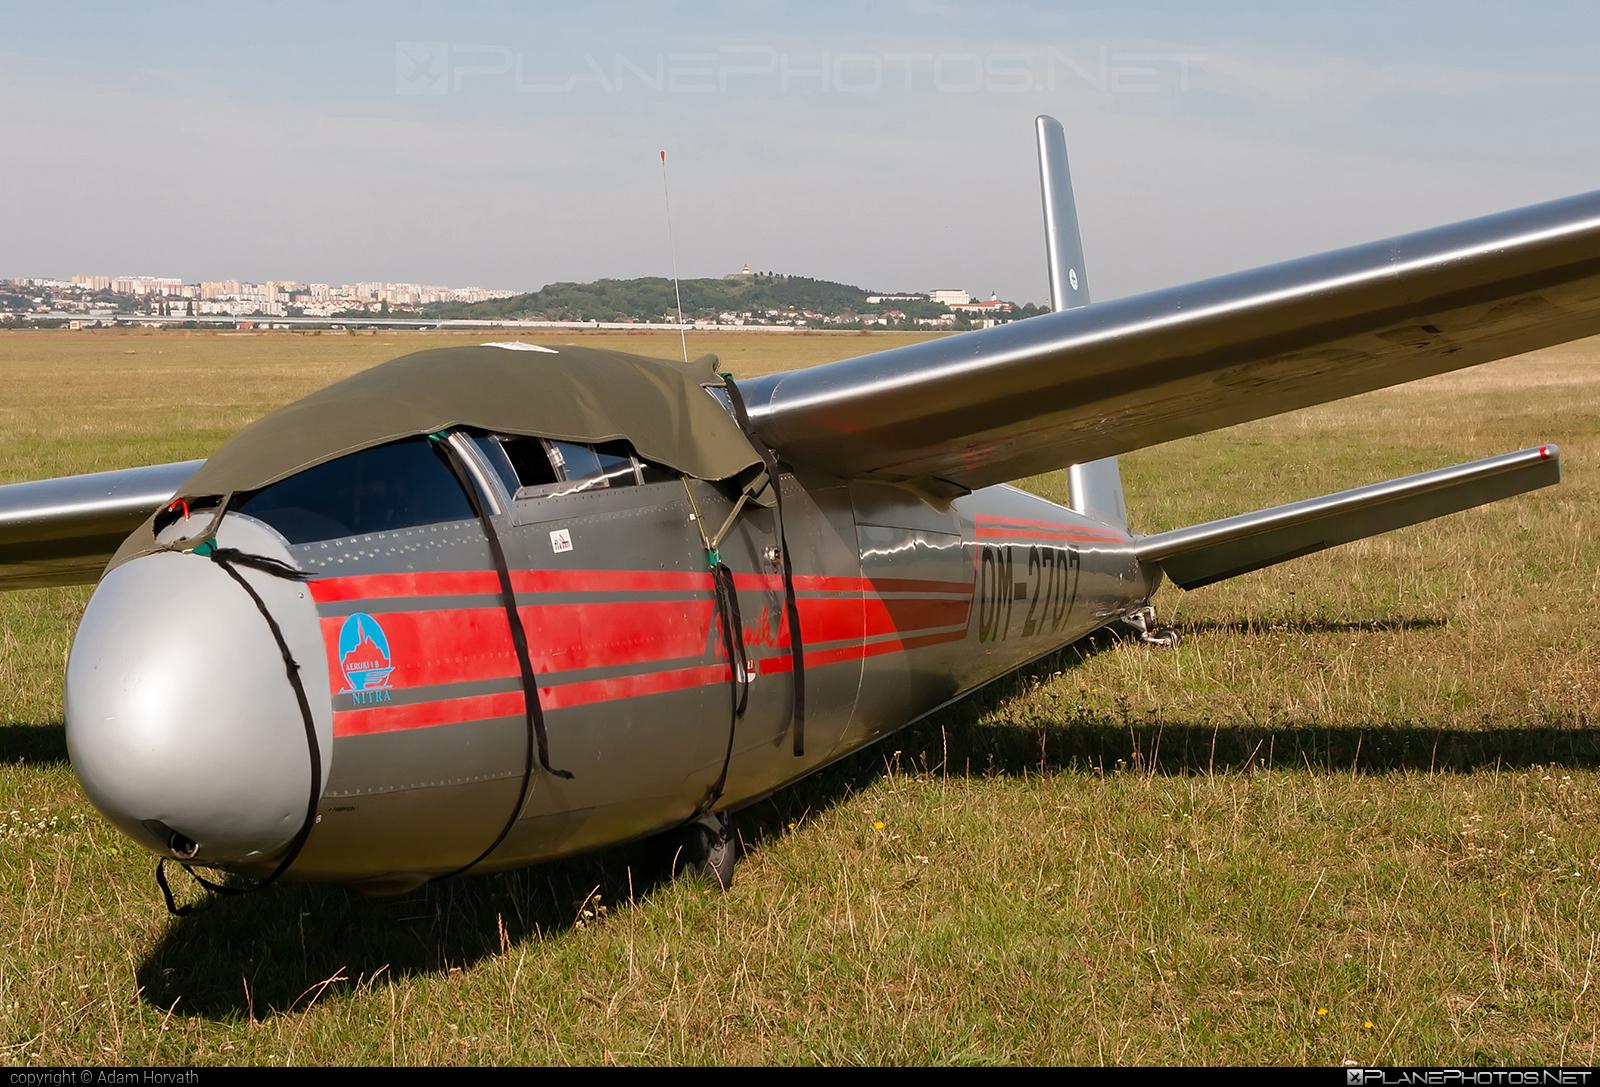 Let L-13A Blaník - OM-2707 operated by Slovenský národný aeroklub (Slovak National Aeroclub) #let